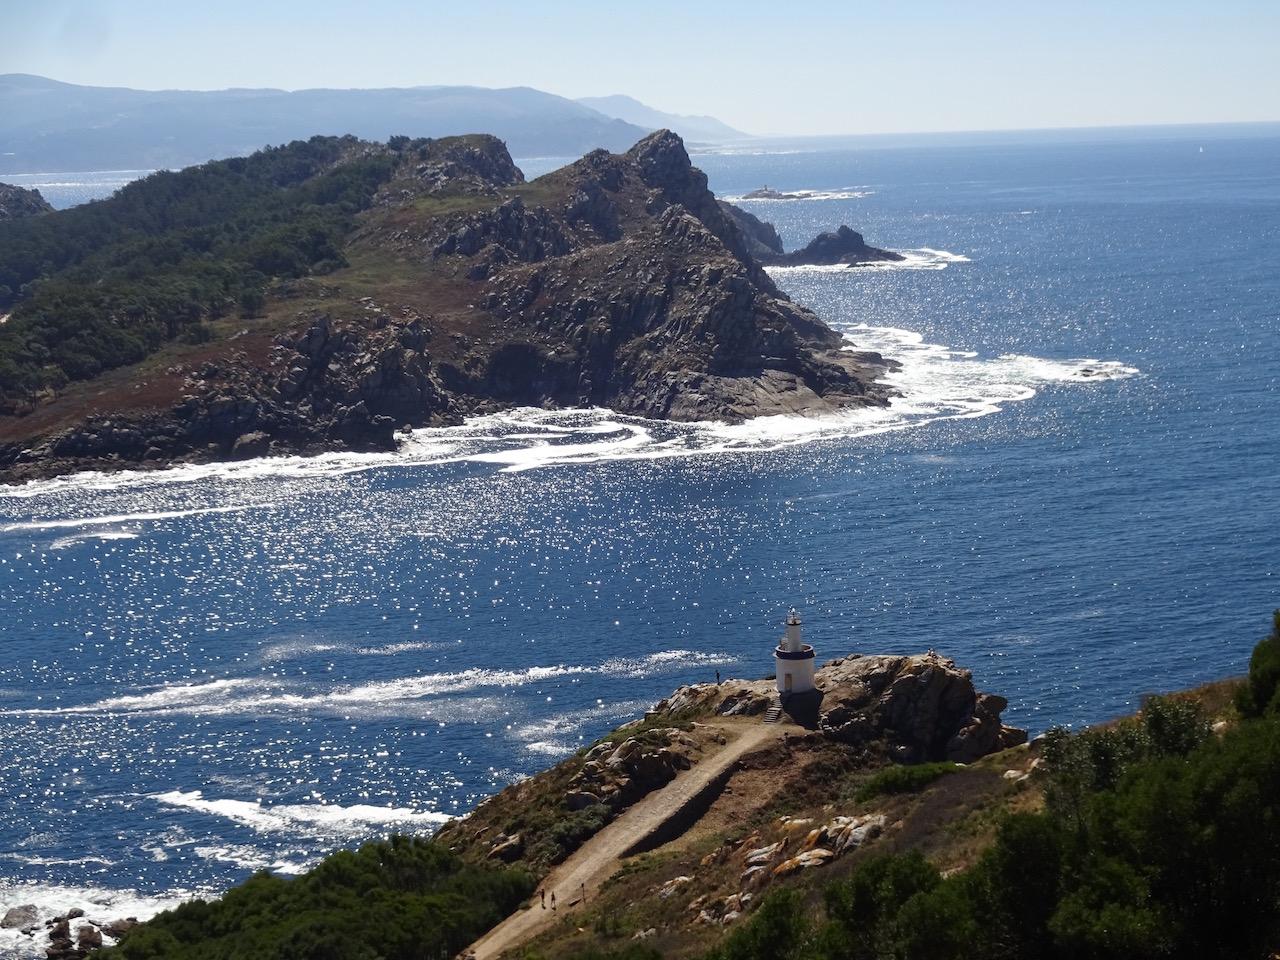 Blick auf die raue Atlantik Seite der Inseln